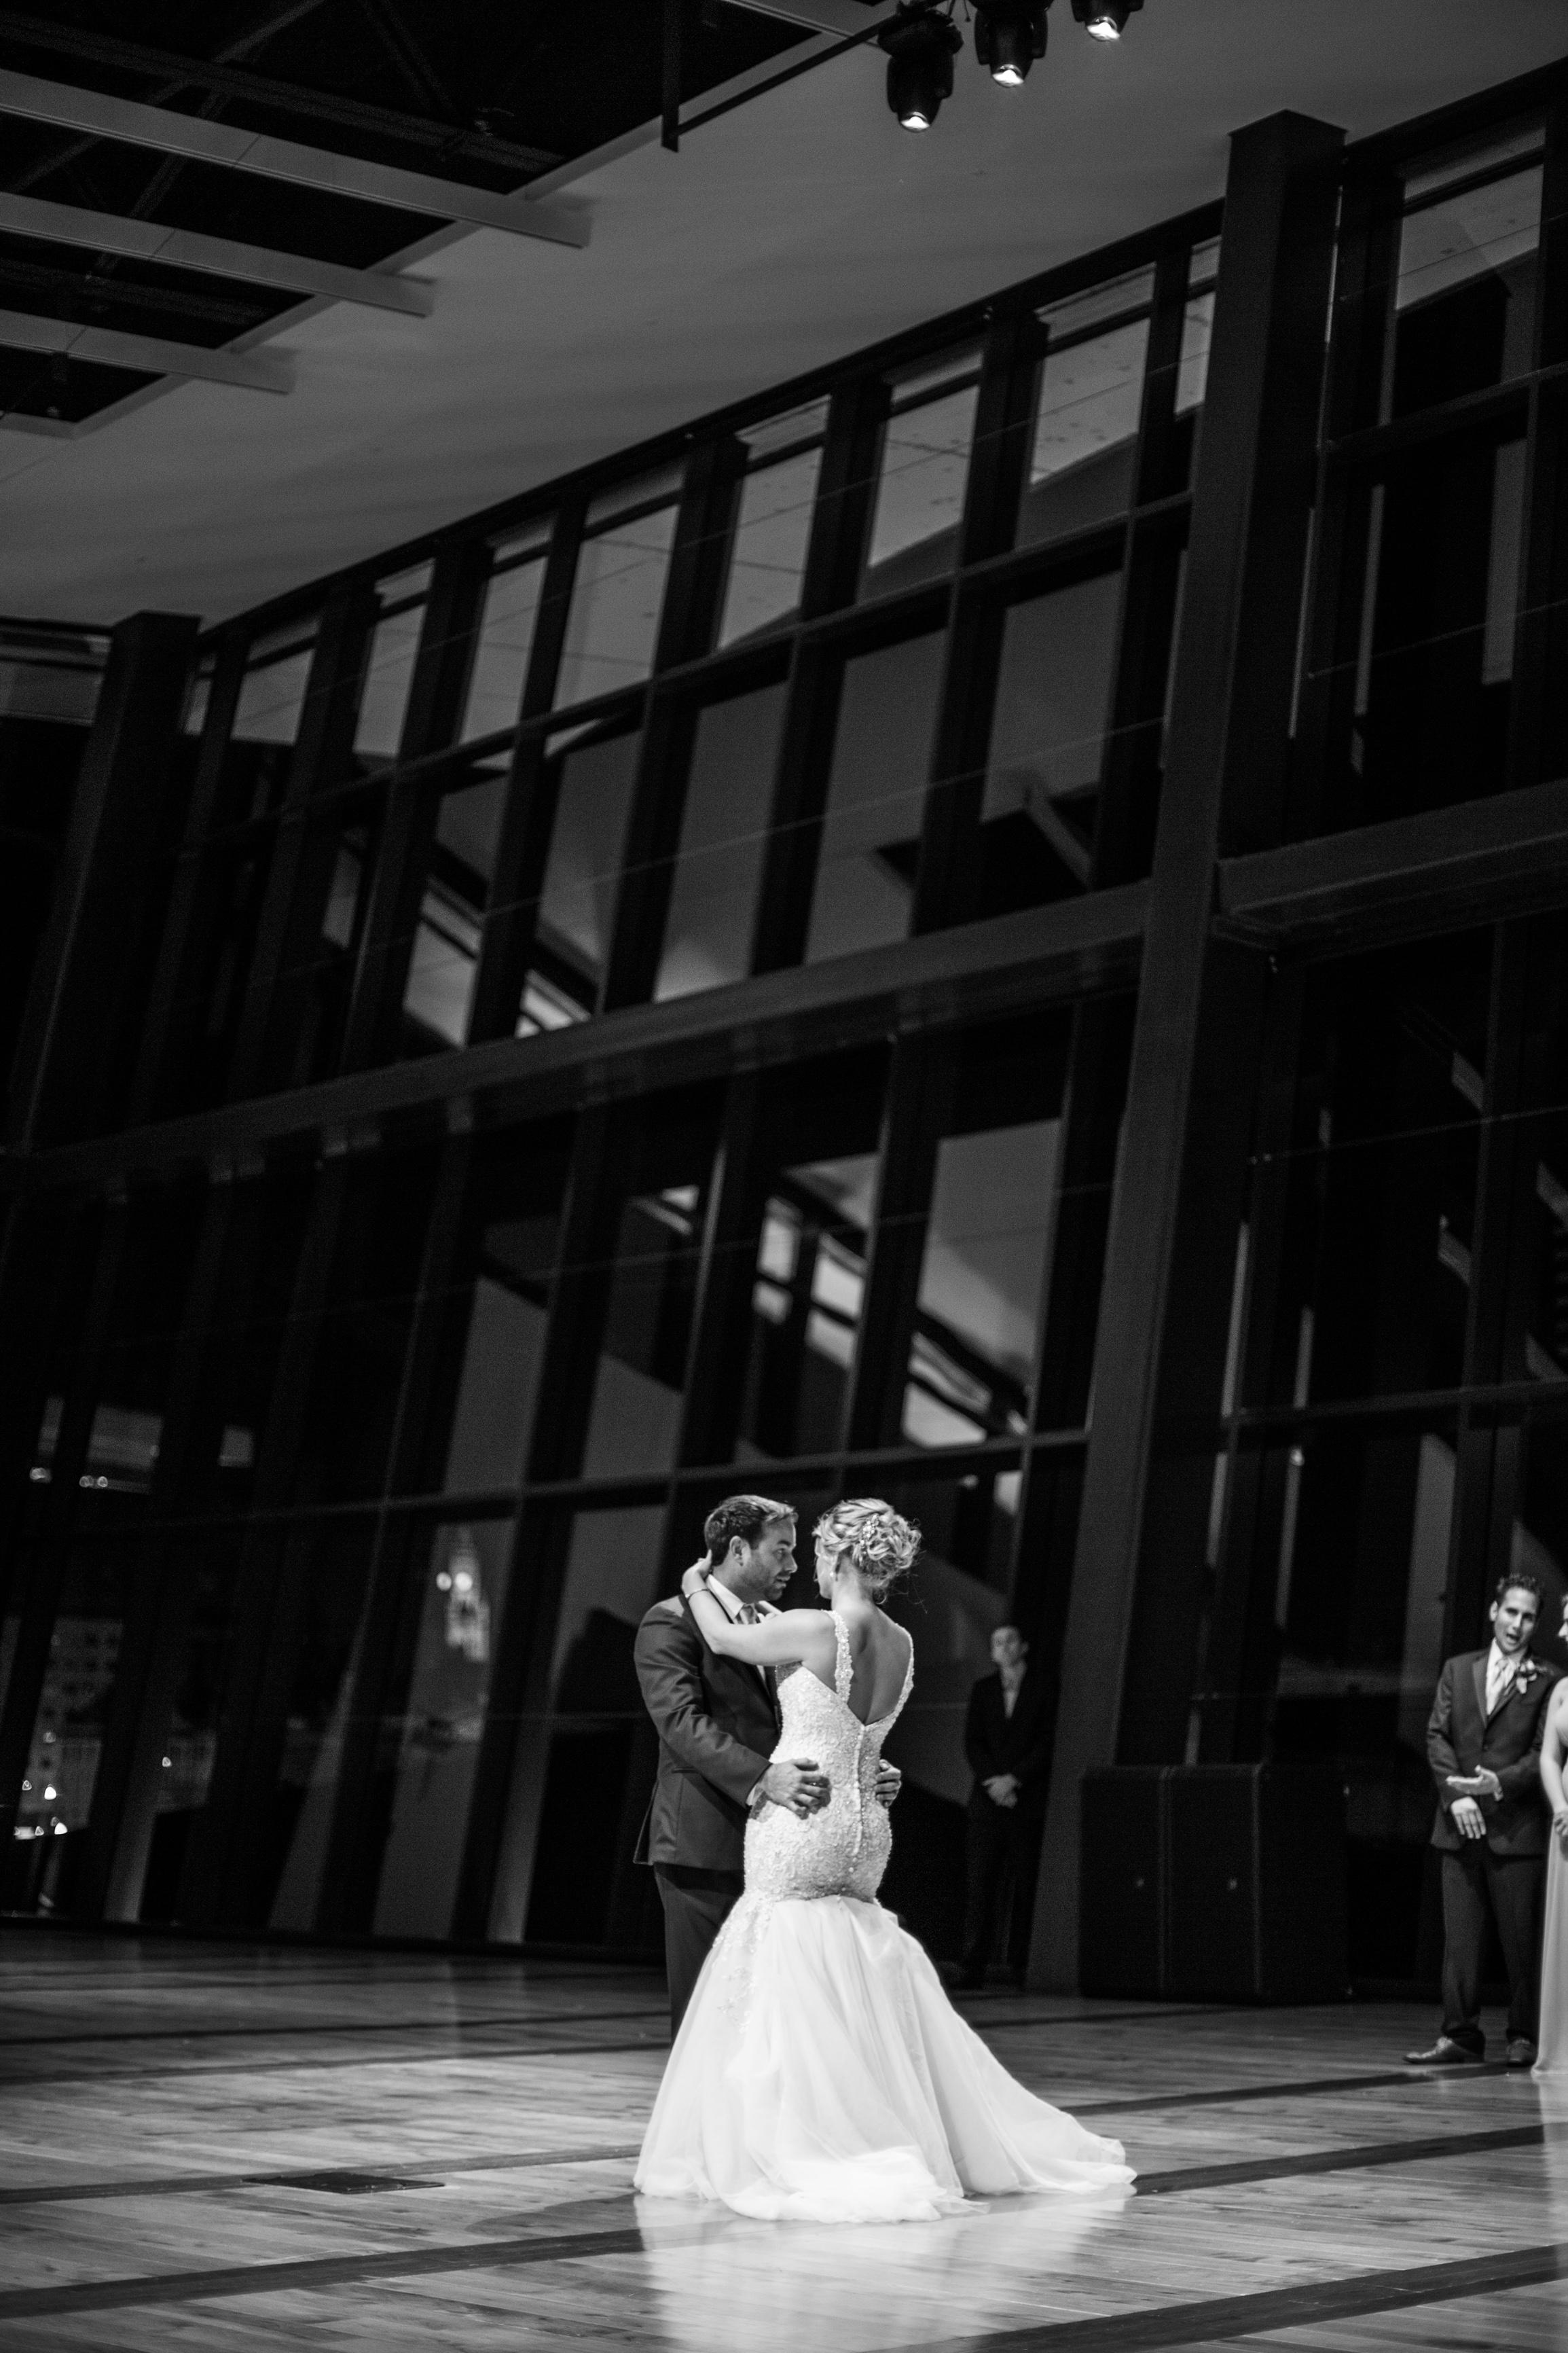 Leslie+David wedding - Details Nashville